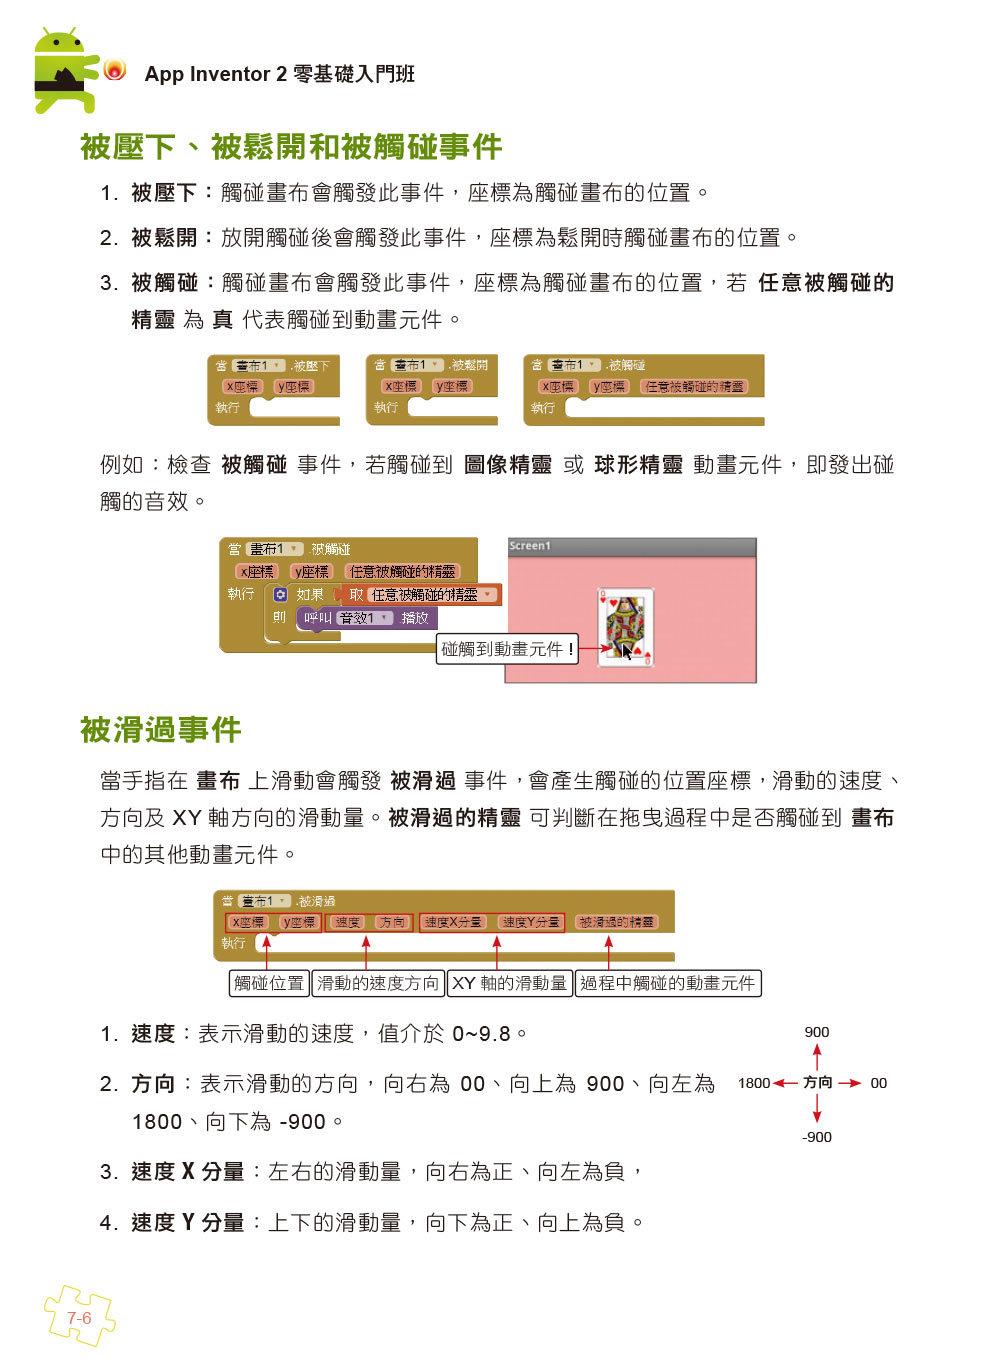 手機應用程式設計超簡單--App Inventor 2零基礎入門班(中文介面第四版)(附入門影音/範例)-preview-4